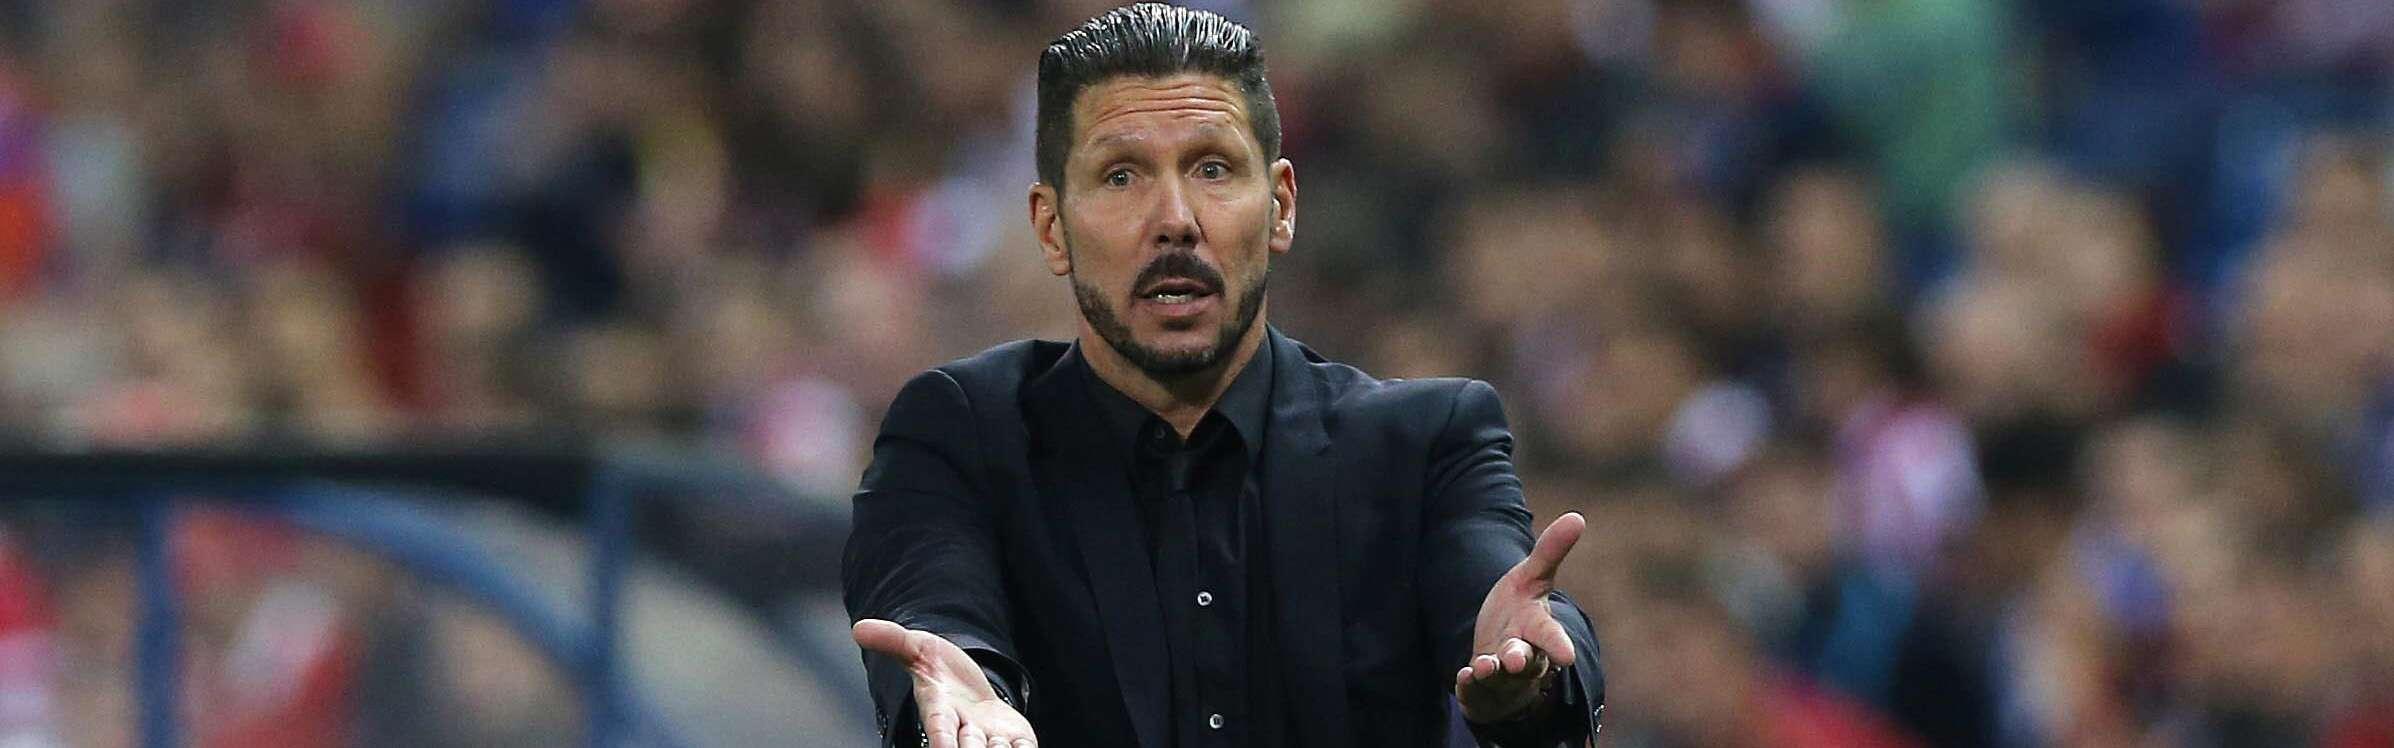 Diego Simeone, director técnico del Atlético de Madrid. Foto: EFE